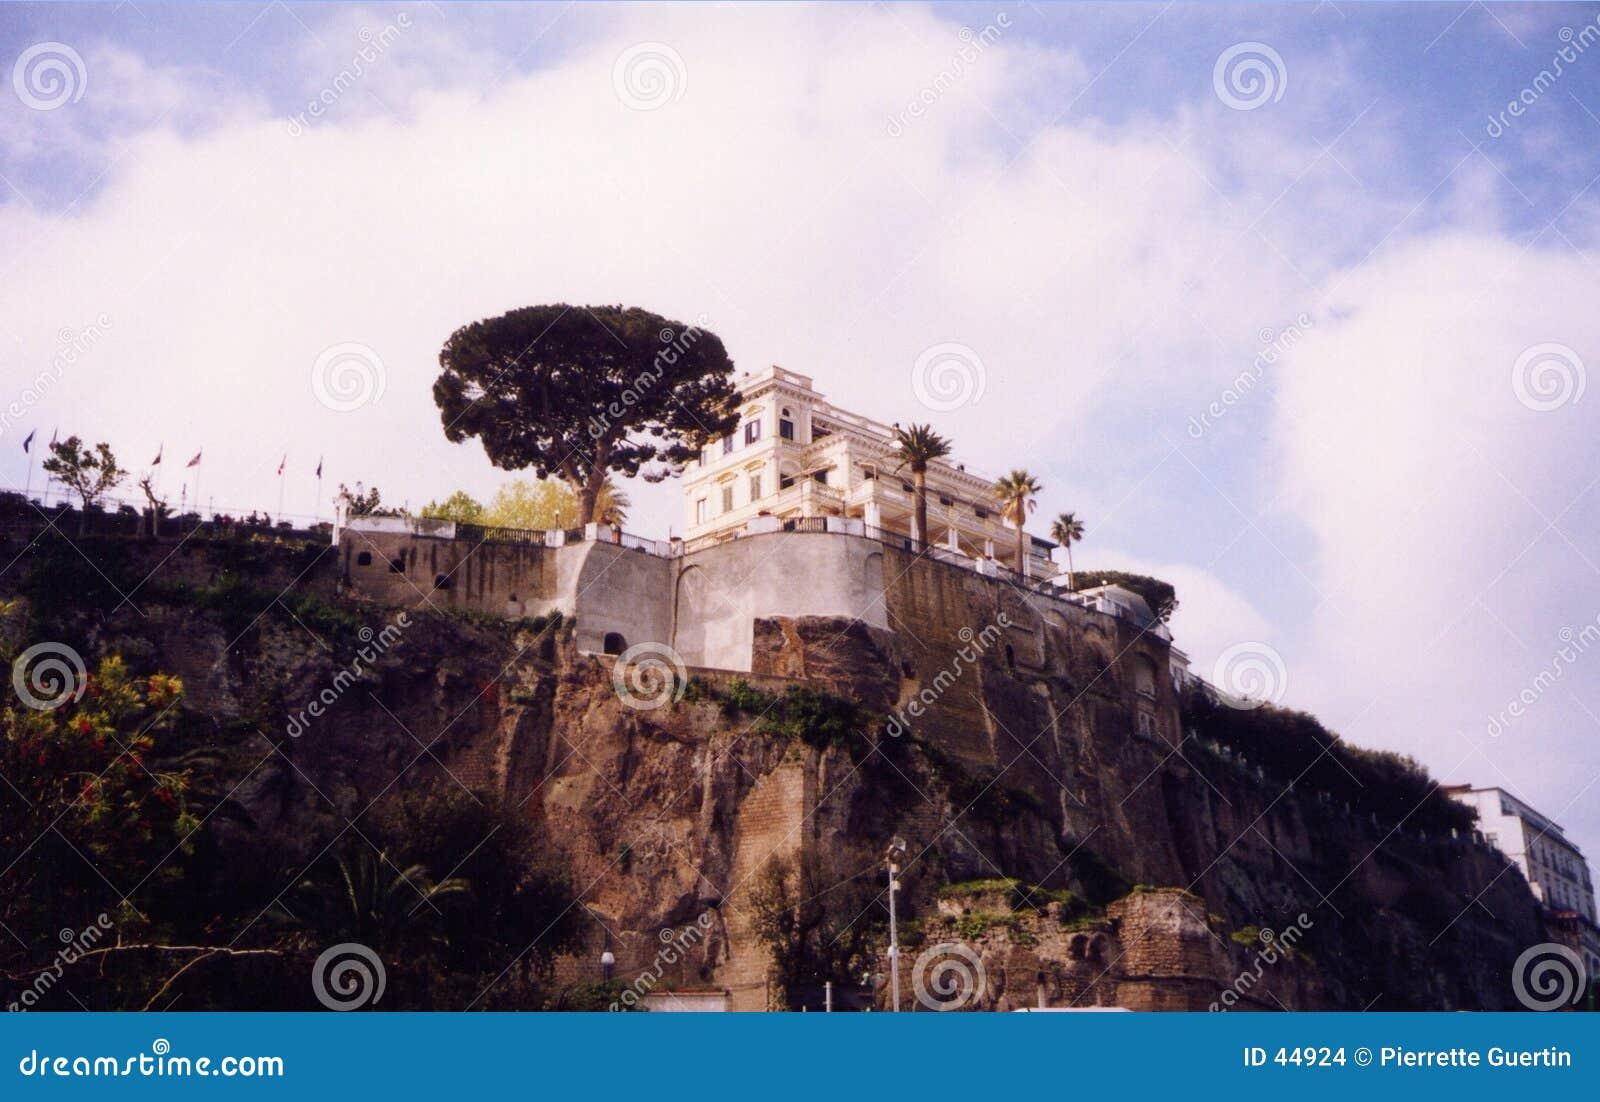 Wyspa Włochy capri